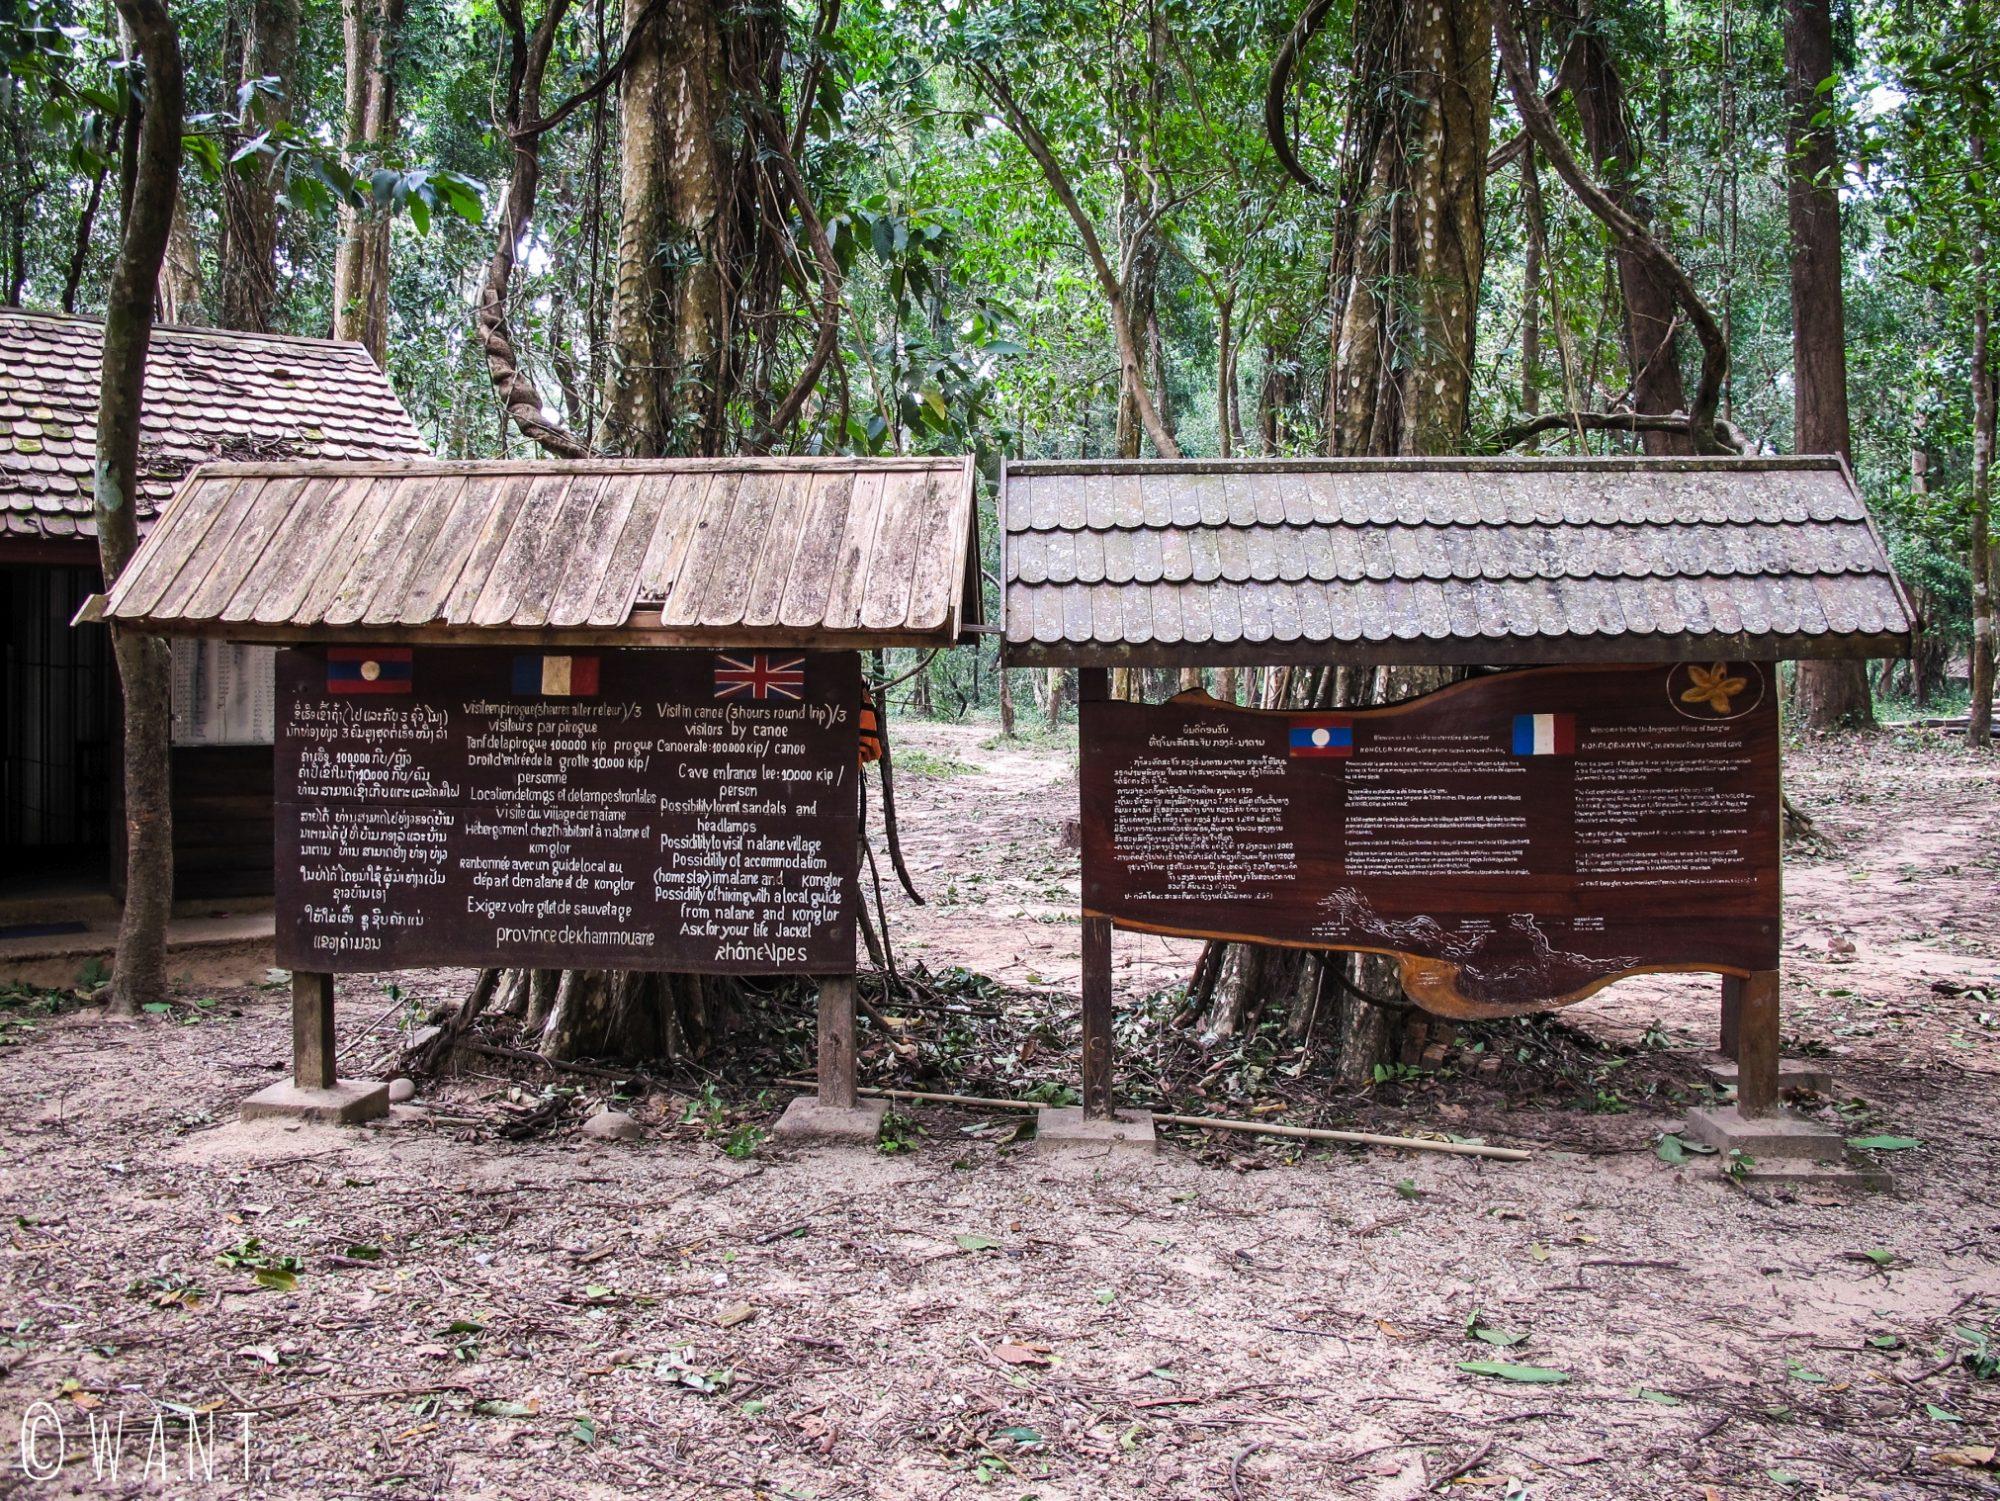 Panneaux d'affichage sur le site de la grotte de Konglor